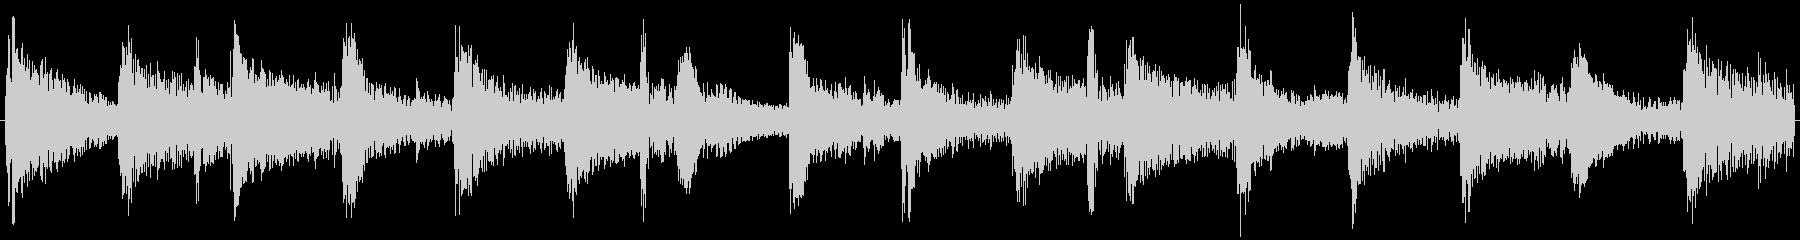 129bpmAbMajシャッフルジャズ円の未再生の波形